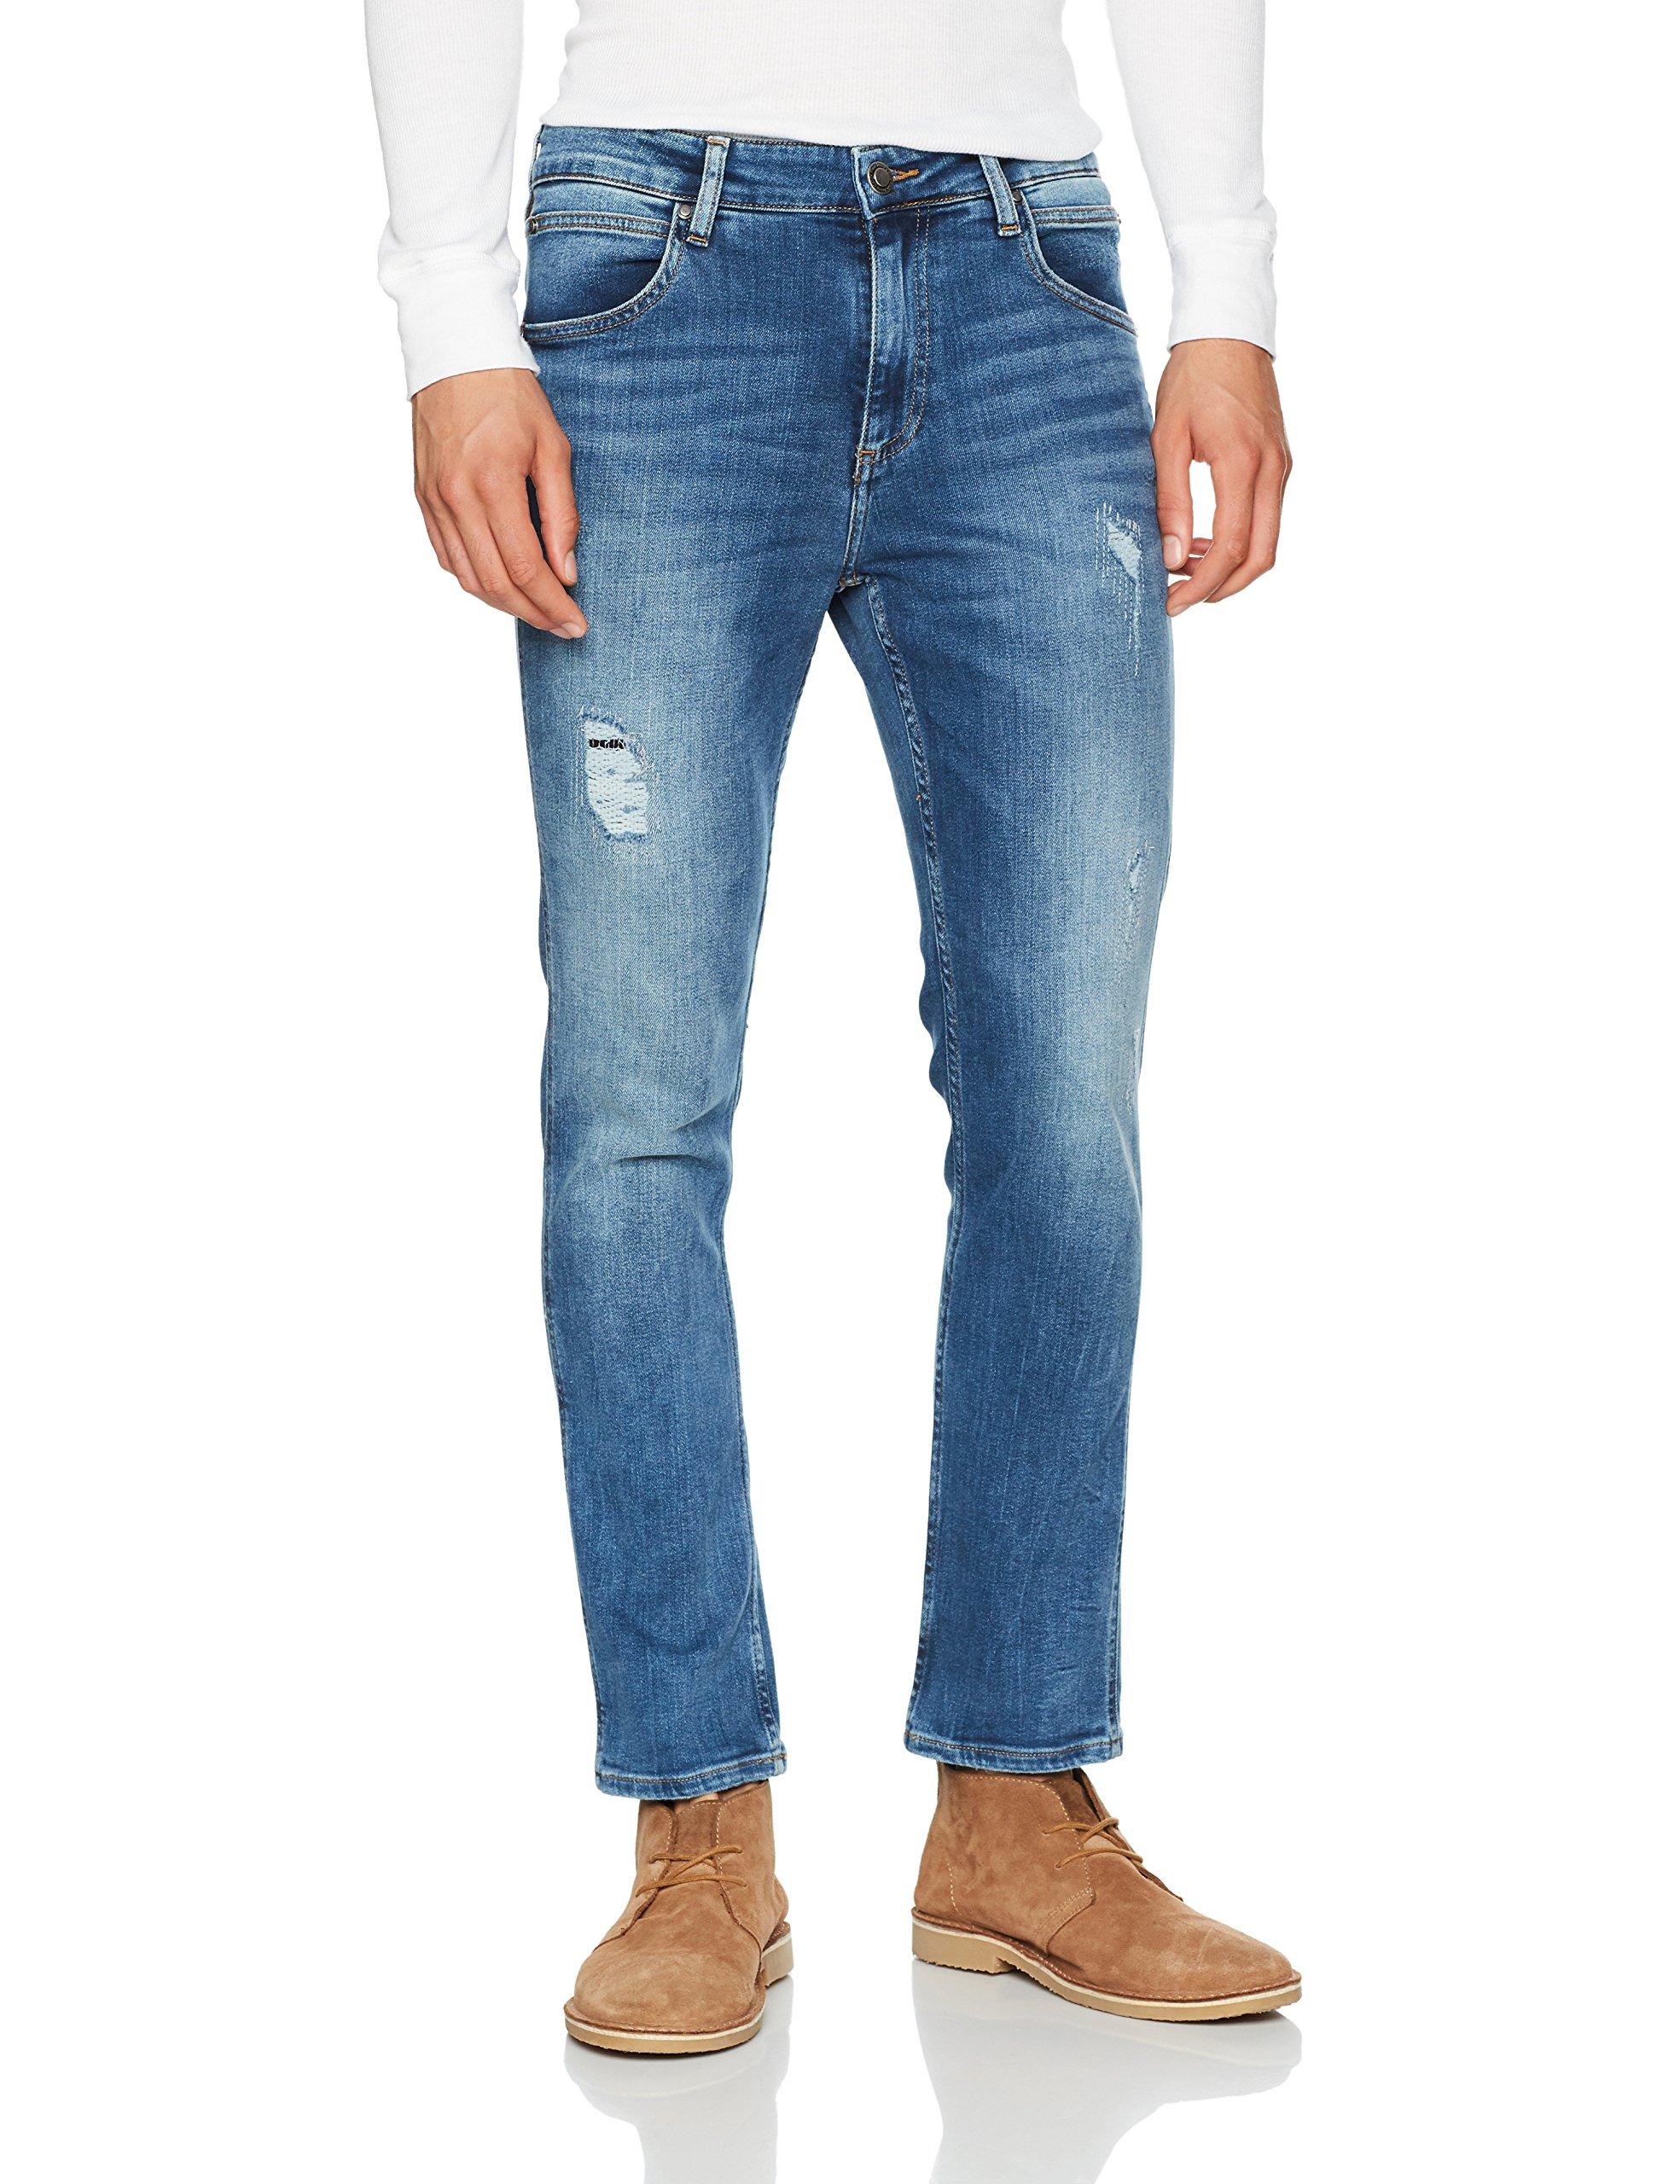 SatuSlim DestructedW33 Blue Klein Jeans HommeBleusaturn l30 Calvin yY7vbfg6